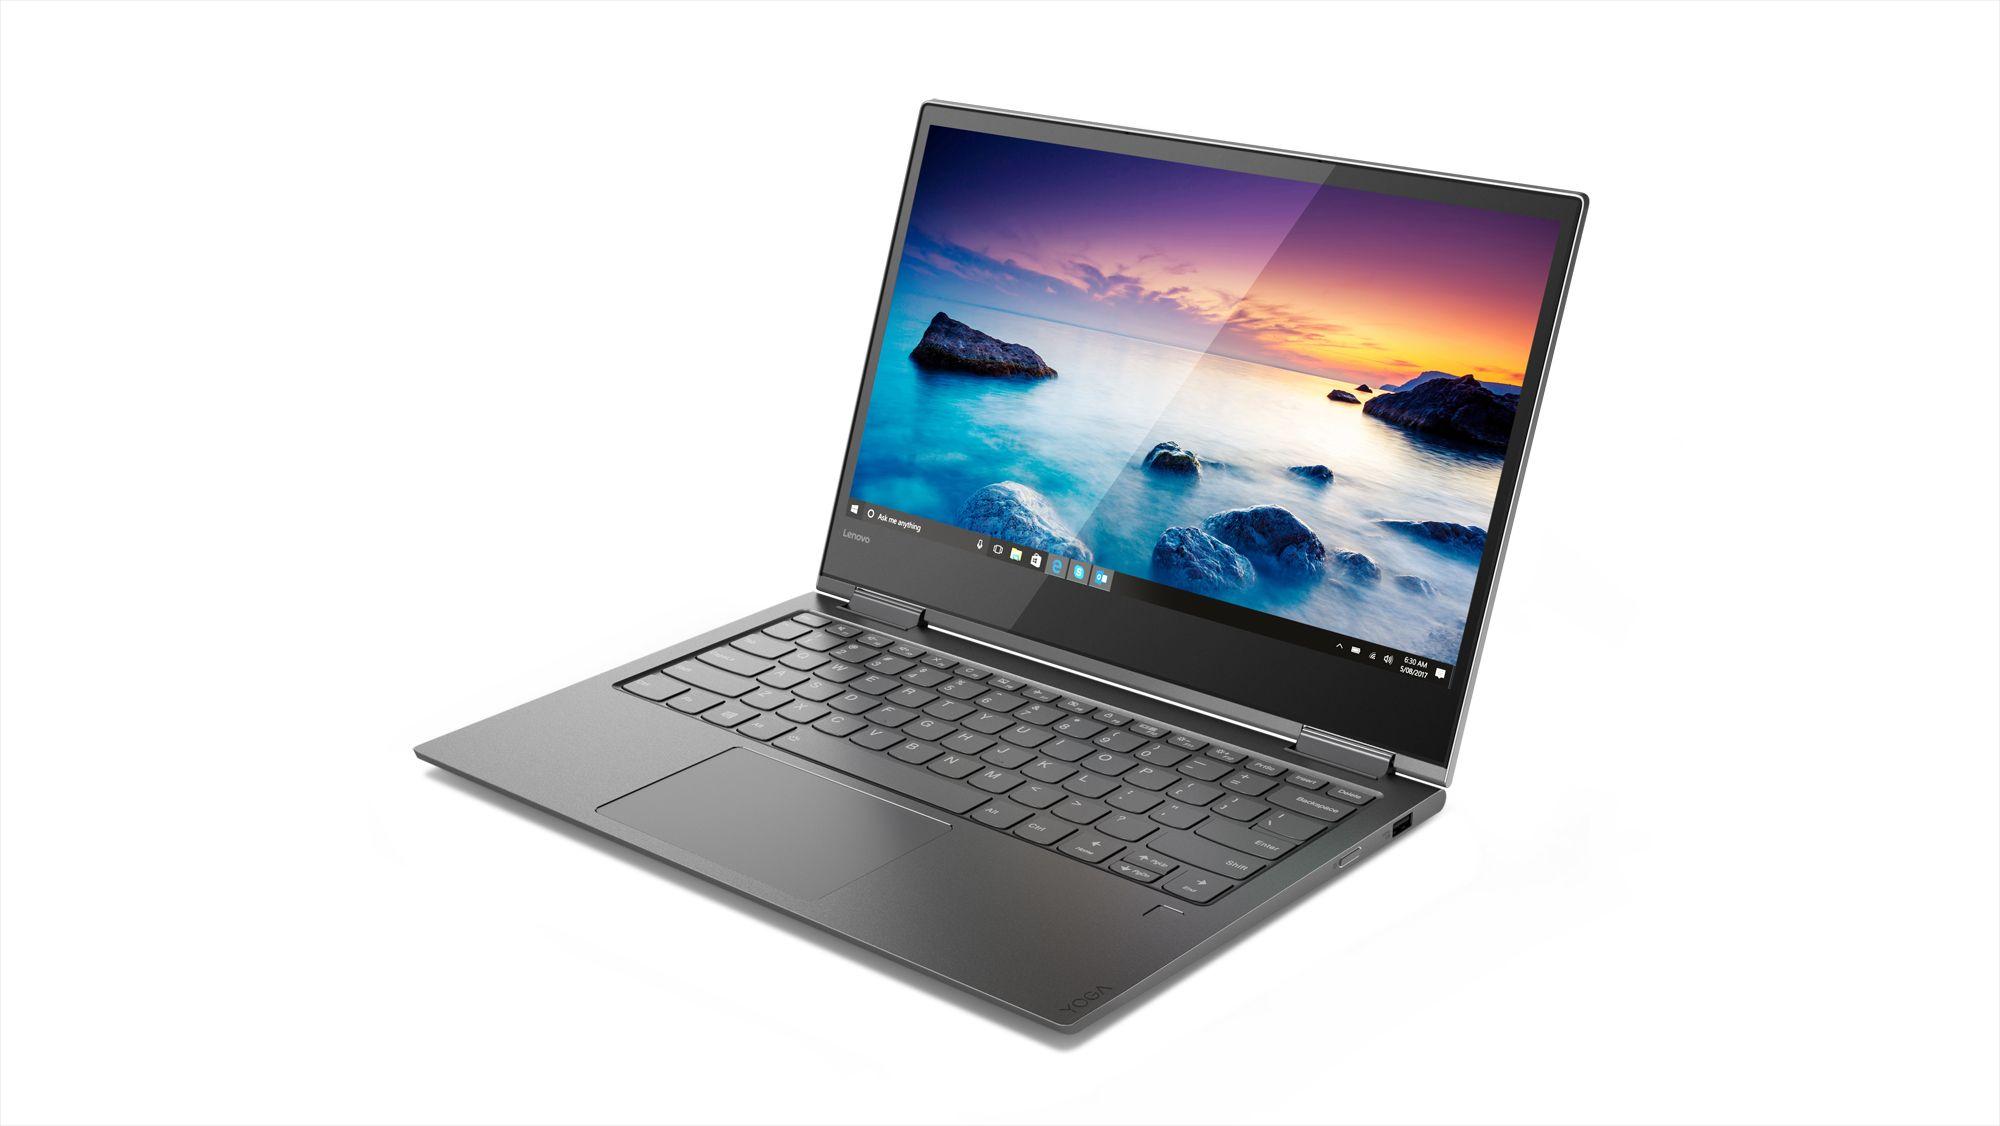 Lenovo Yoga 730 13 Inch 2 In 1 Laptop Lenovo Us Lenovo Laptop Lenovo Best Laptops